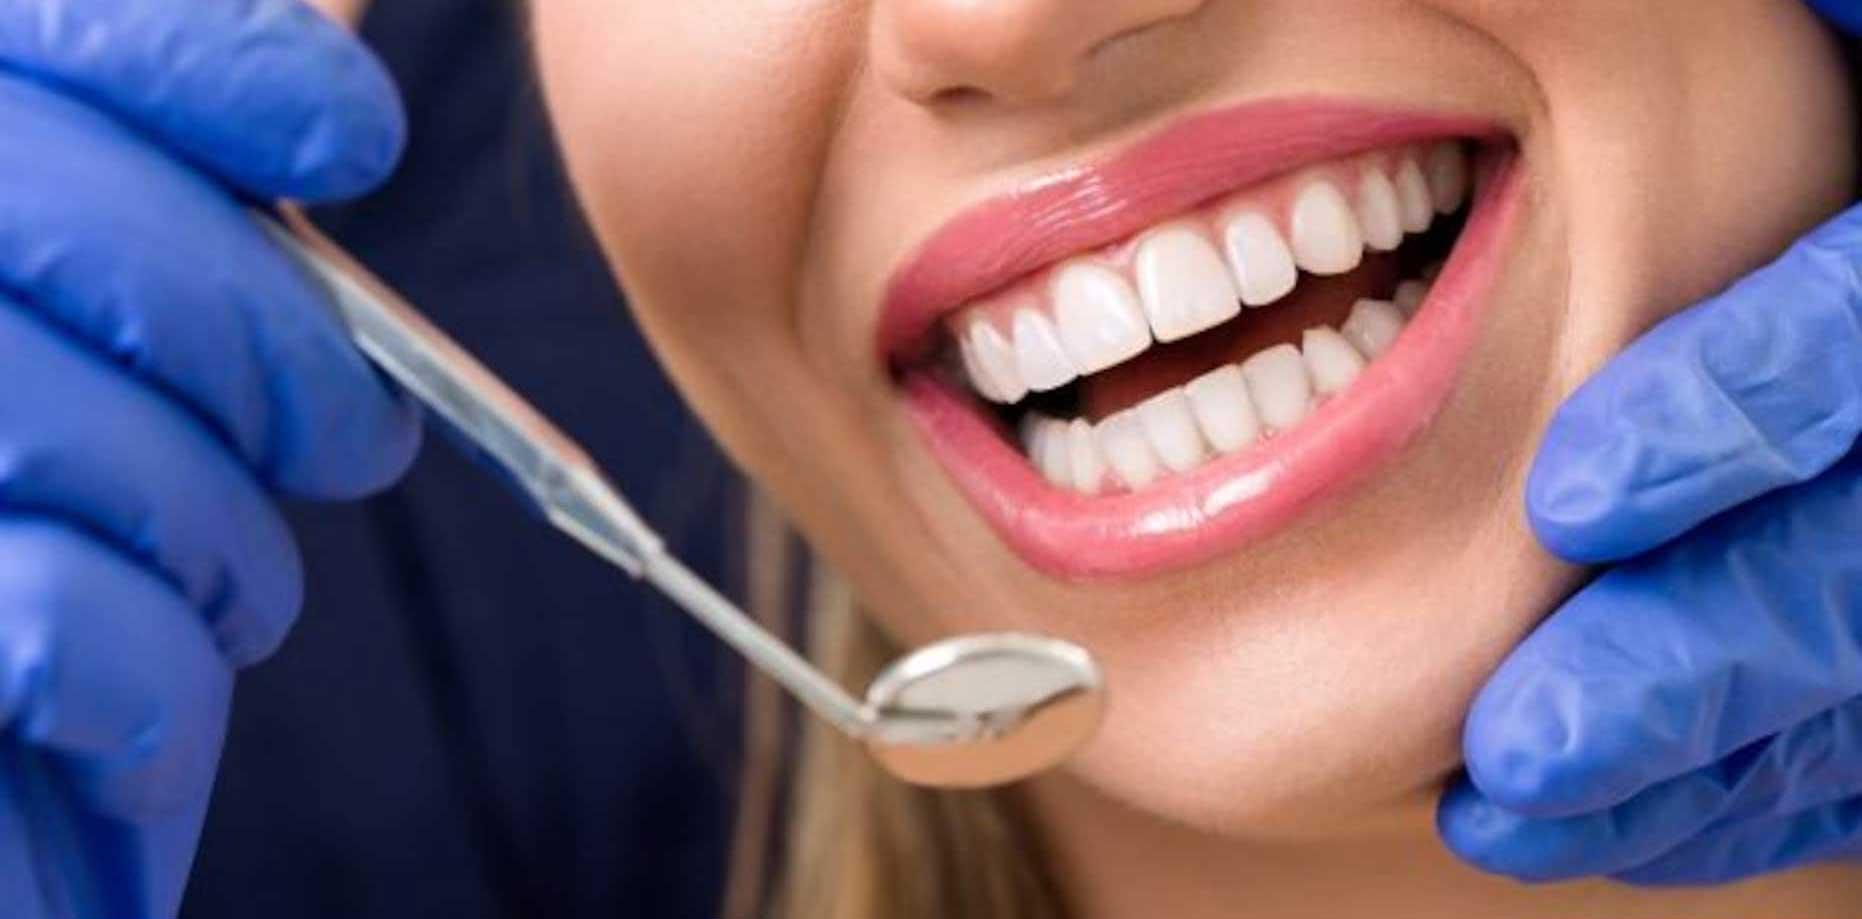 آیا مراجعه به معاینات دندانپزشکی در ماه مبارک رمضان مشکلی ایجاد می کند؟